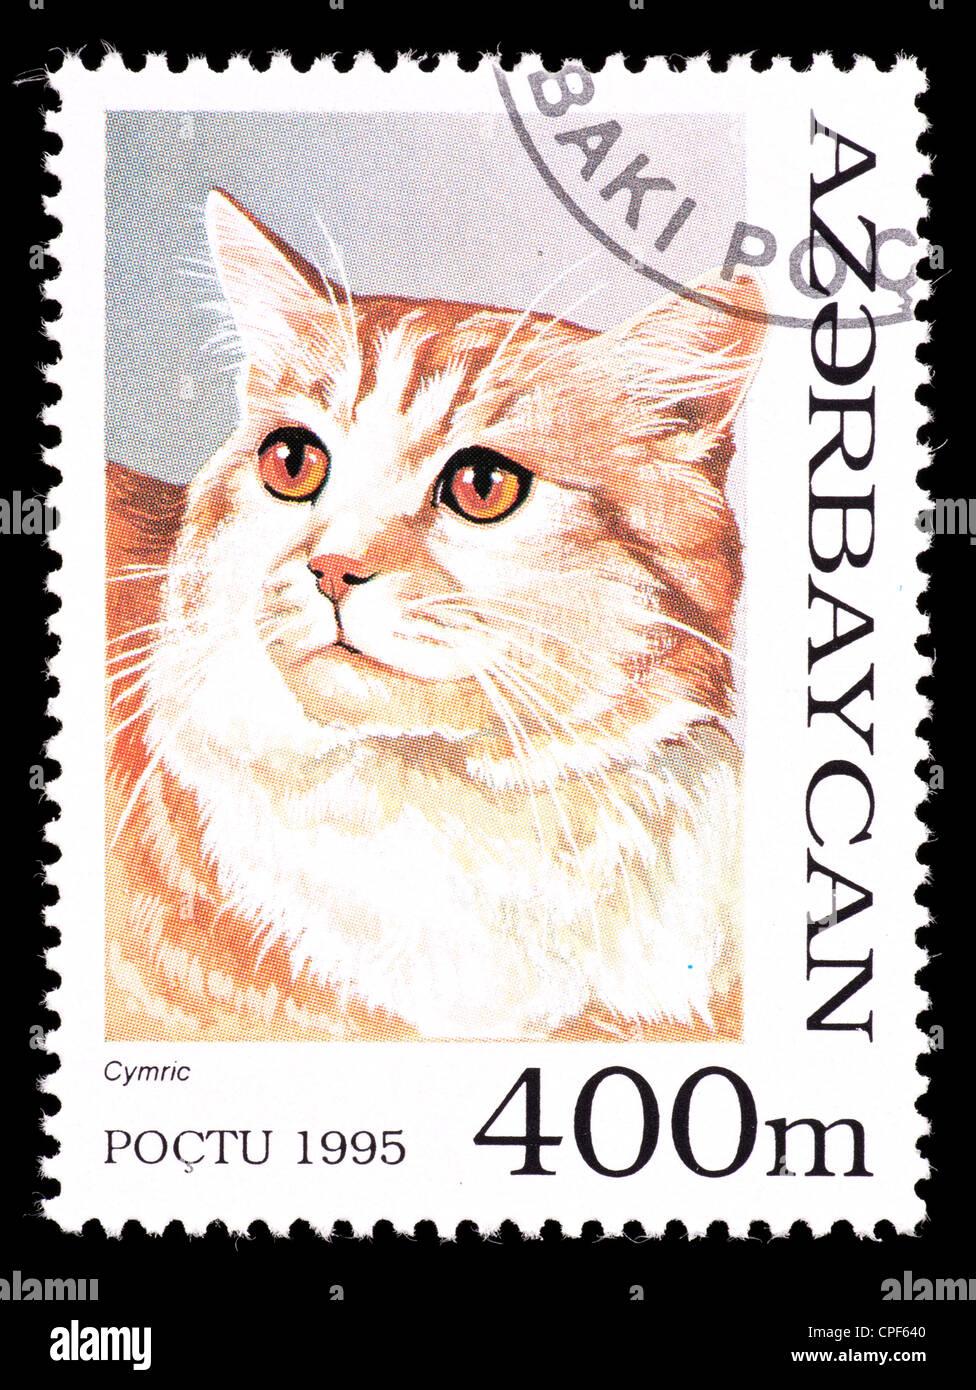 Francobollo da Azerbaigian raffigurante un gatto cymric. Immagini Stock